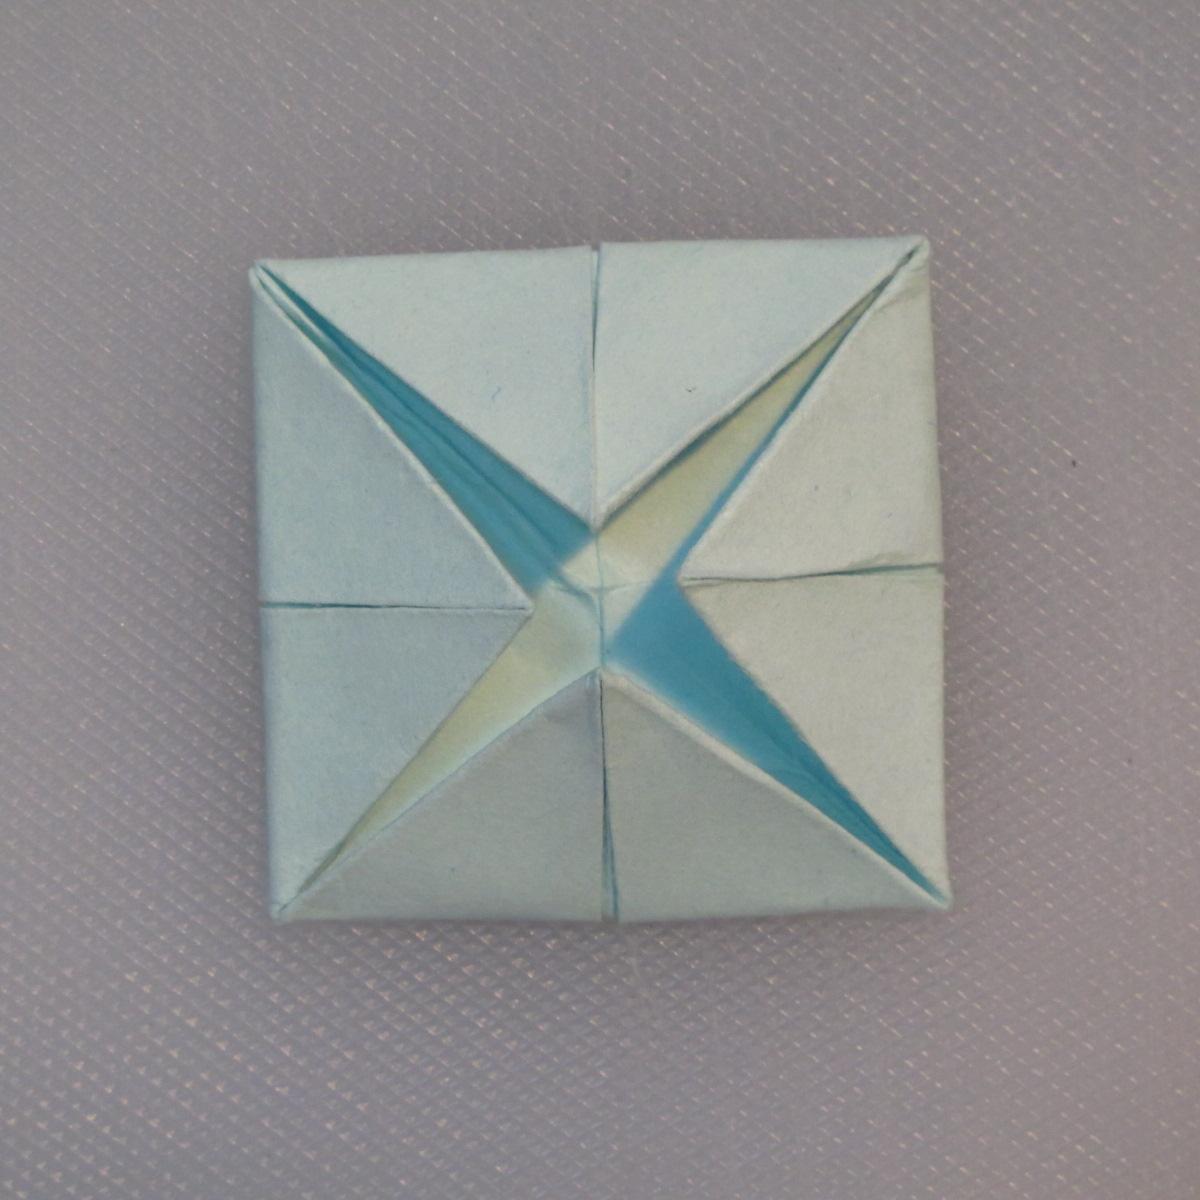 วิธีการพับกระดาษเป็นรูปโบว์ติดกล่องของขวัญ 007